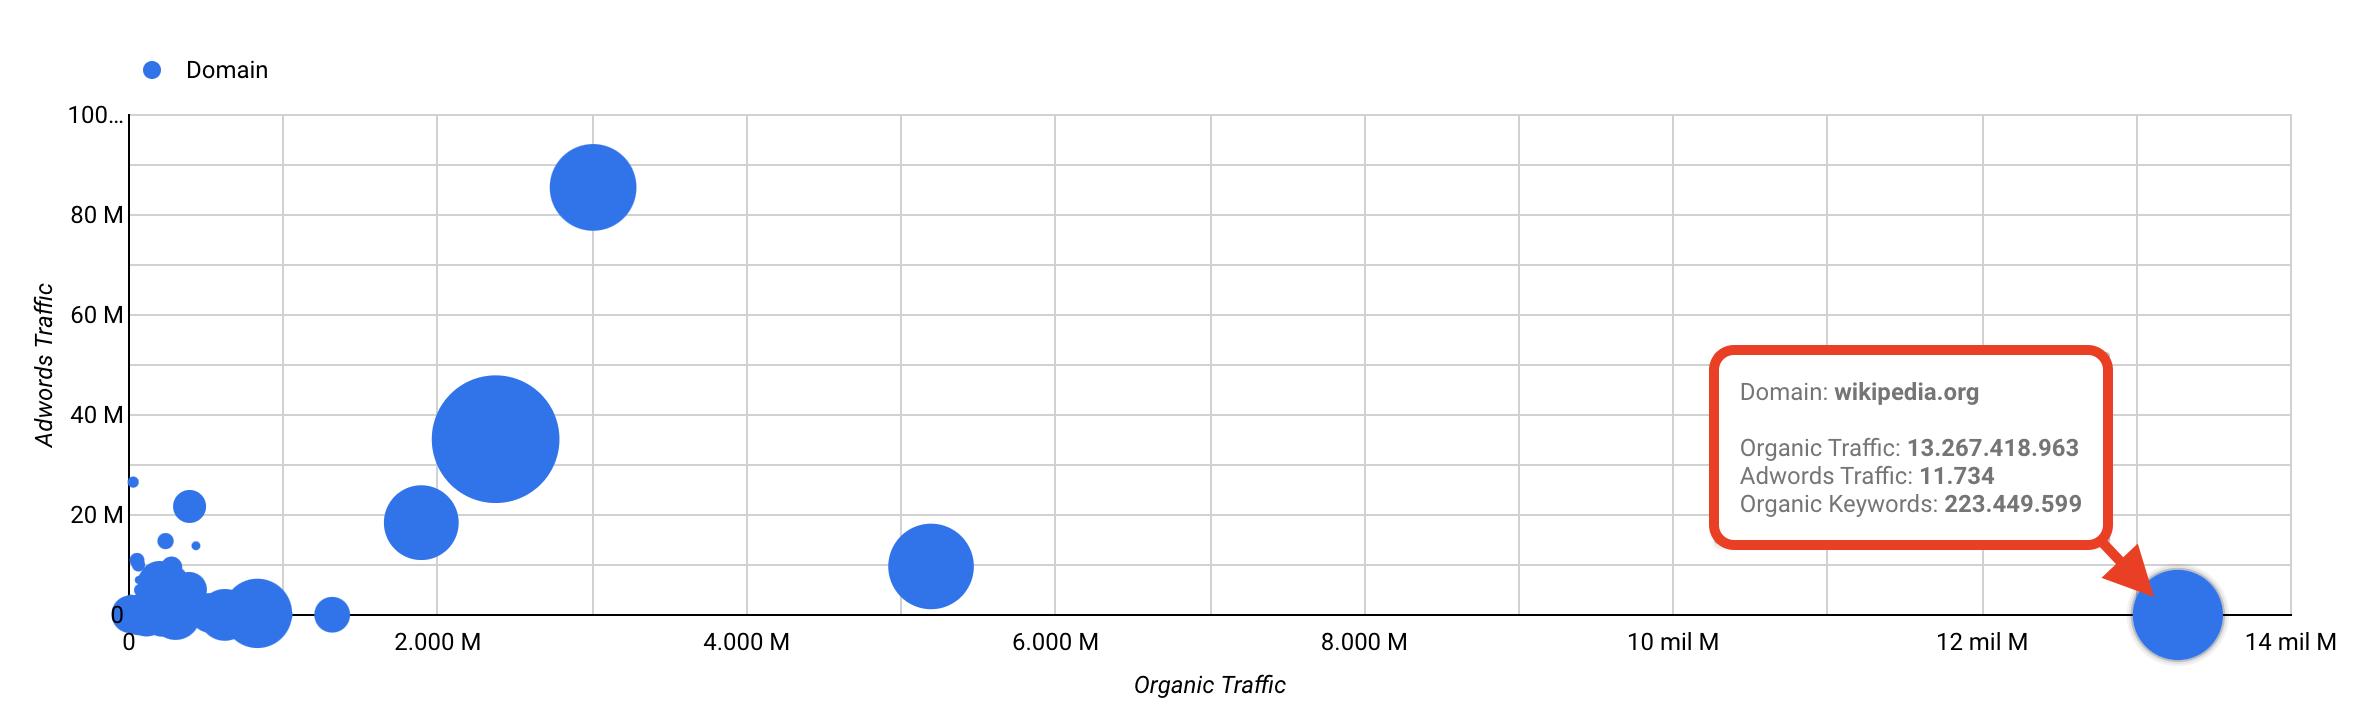 Ranking SEO - Comparativa de dominios en relación a su tráfico